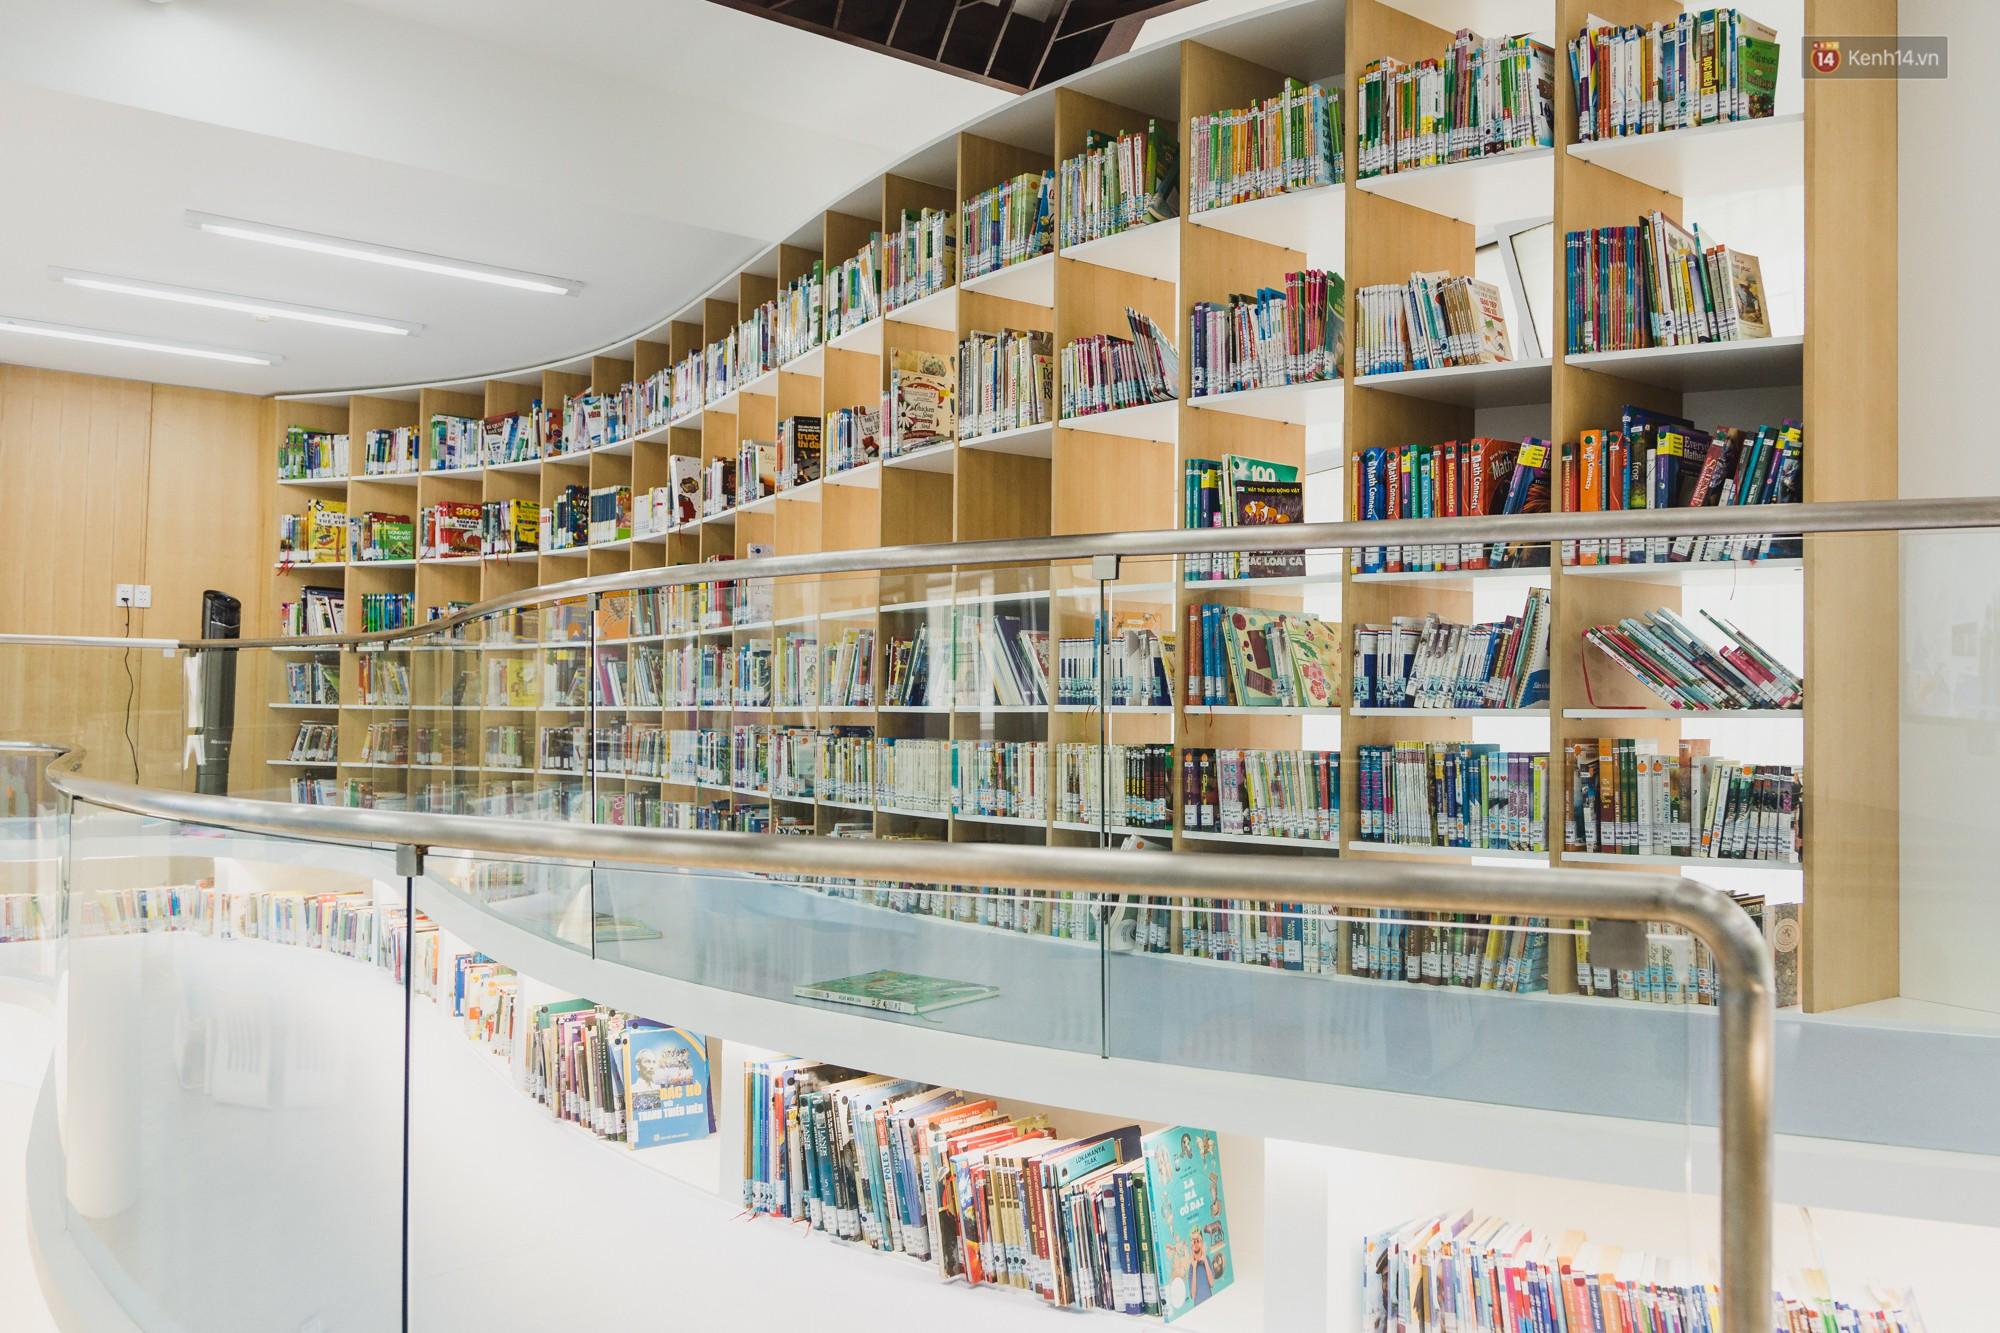 Thư viện thông minh đầu tiên dành cho thiếu nhi ở TP.HCM: Đẹp như sân chơi, có cả ngàn đầu sách và lên hình siêu ảo - Ảnh 3.